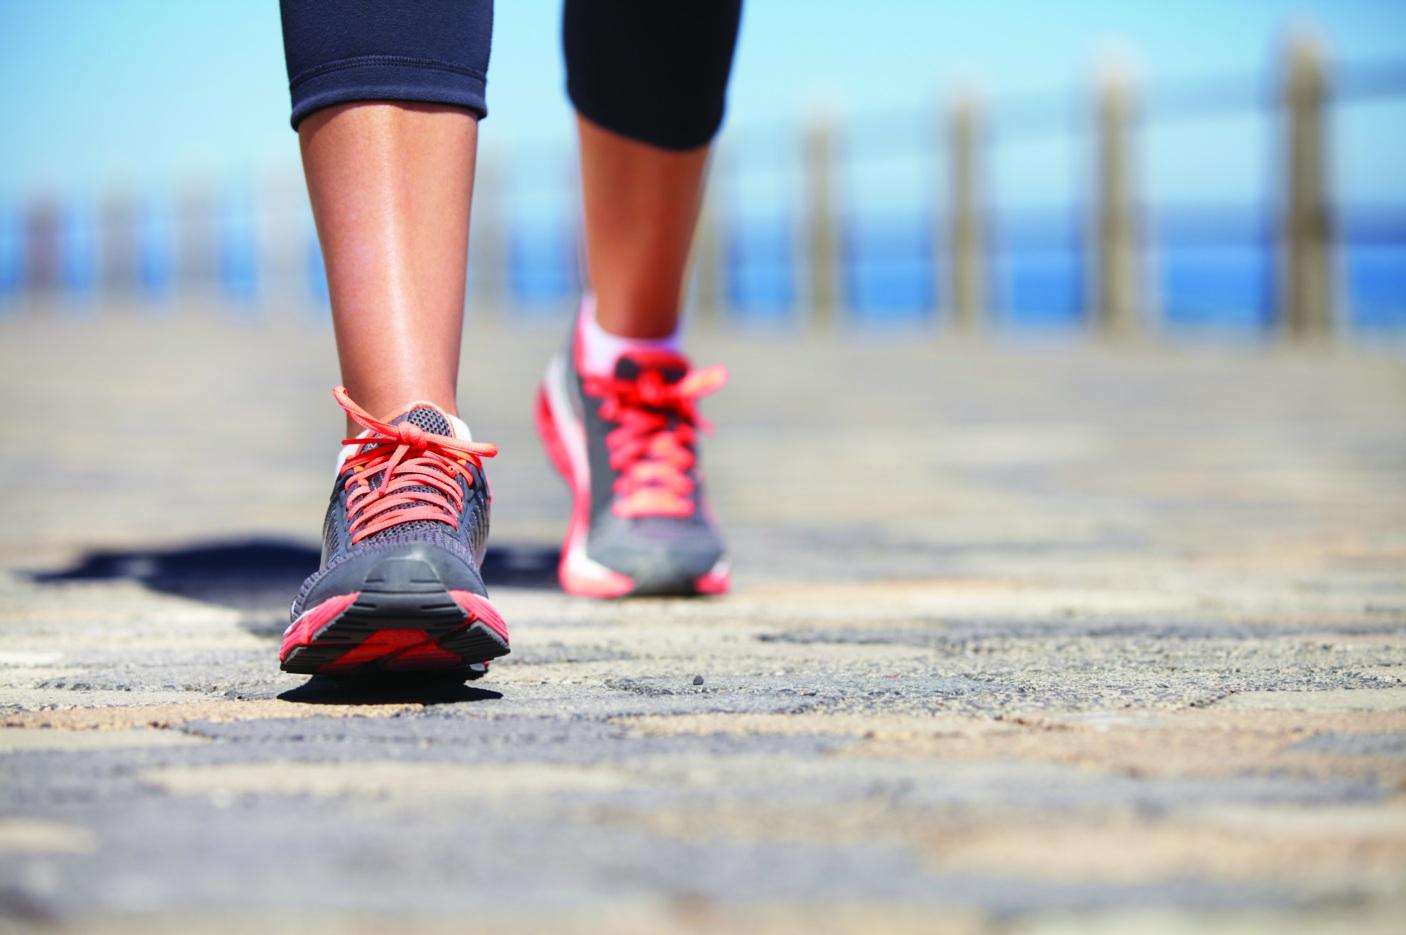 فوائد رياضة المشي في انقاص الوزن الزائد